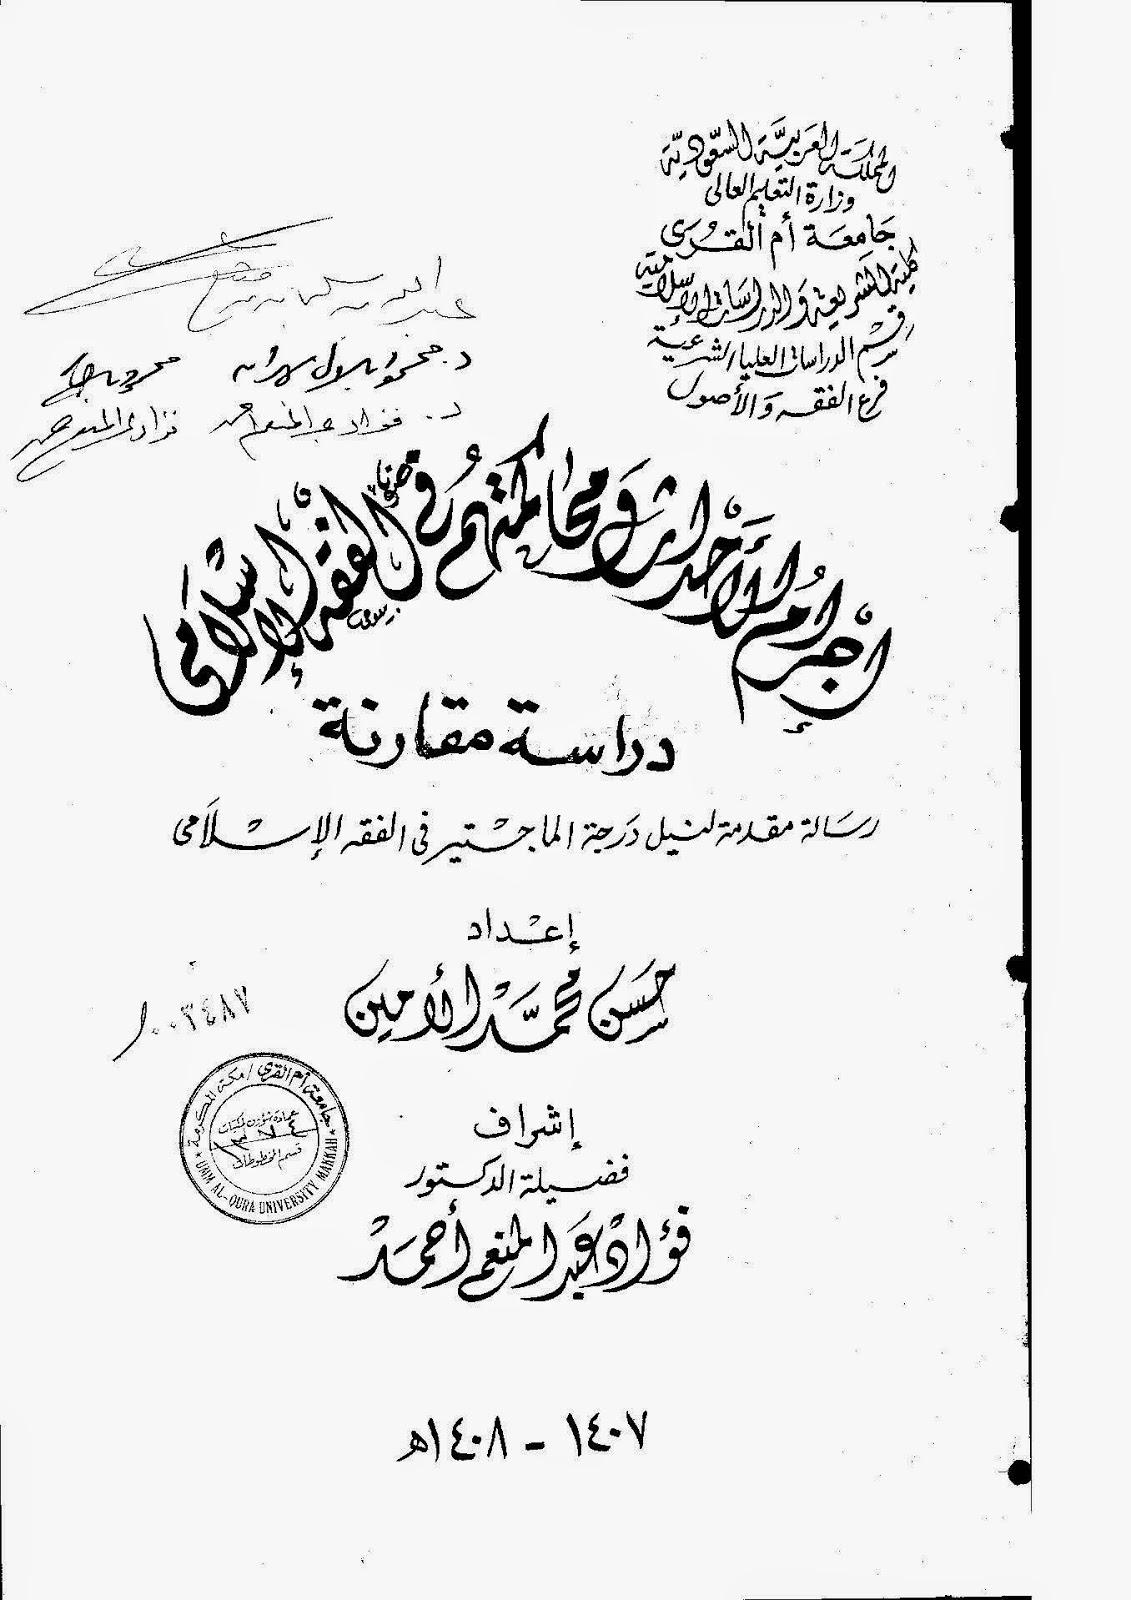 إجرام الأحداث ومحاكمتهم في الفقه الإسلامي دراسة مقارنة - رسالة ماجستير pdf